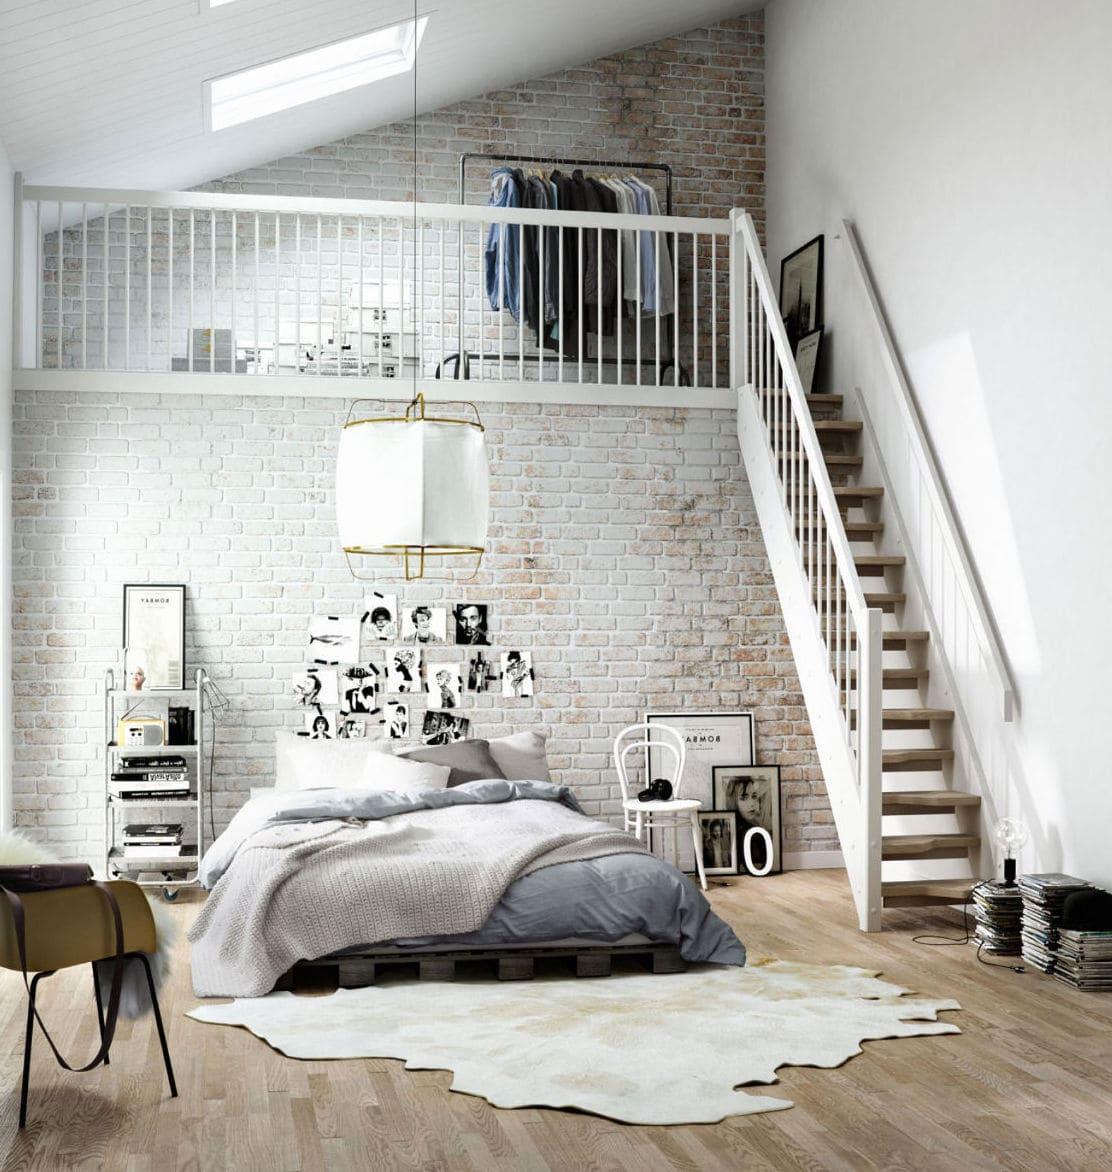 Интересная задумка для квартиры с высокими потолками